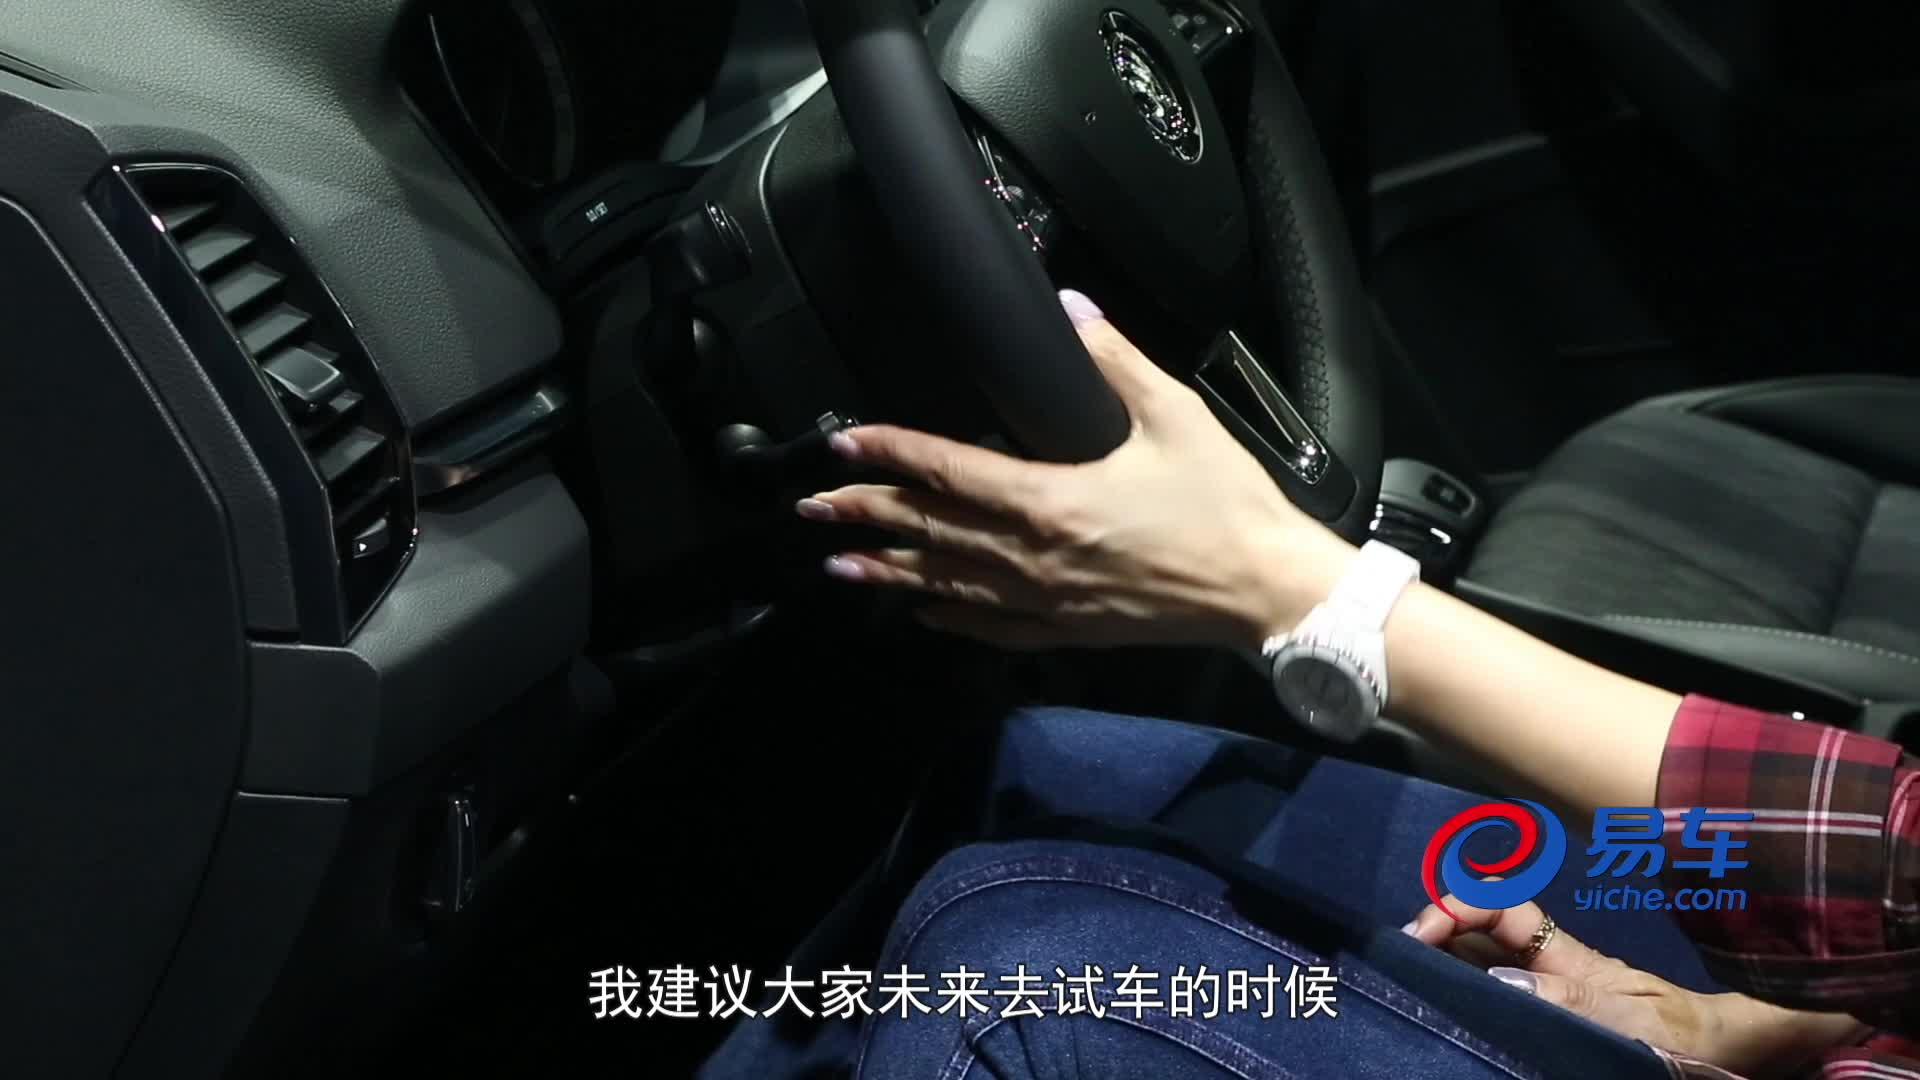 嘉伟试车:2017广州车展 斯柯达柯珞克(字幕版)